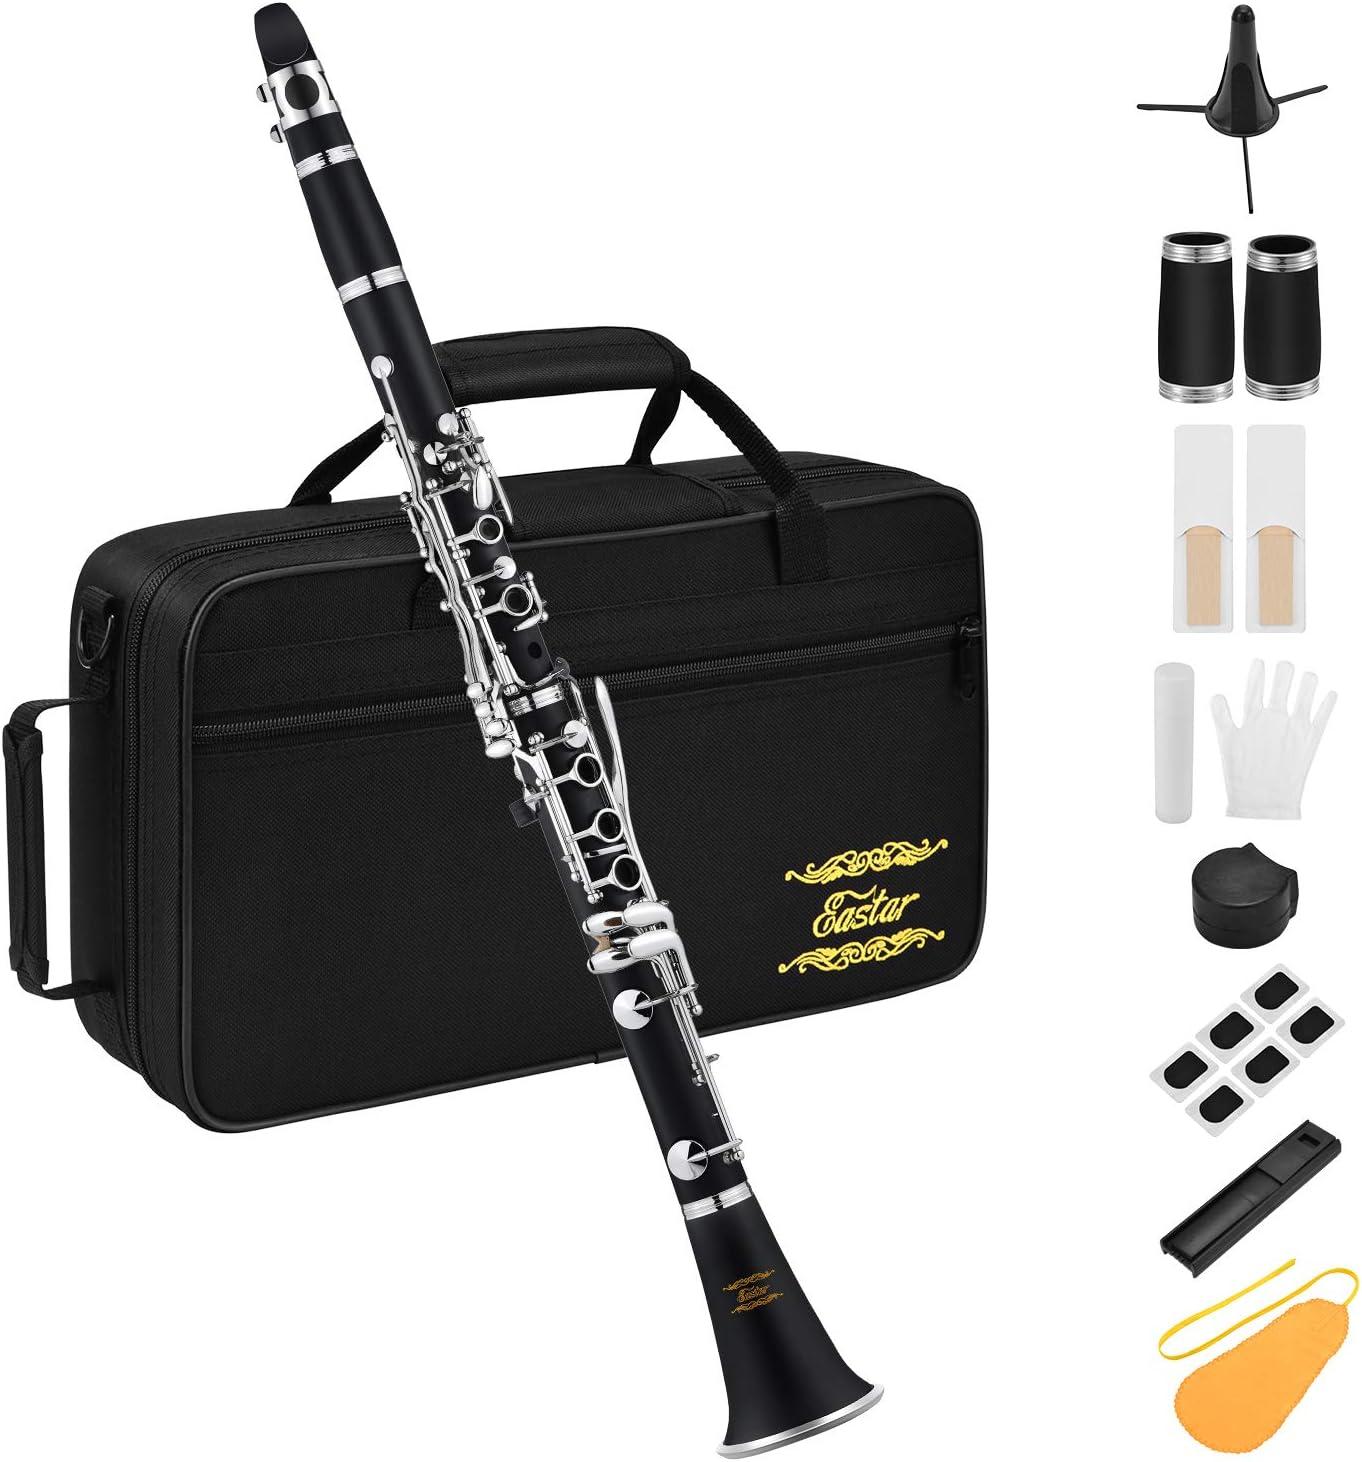 Eastar ECL-300 Clarinete ABS 17 Llaves B Flat Niquelado con Estuche, Boquilla, Cañas, Soporte y Estuche Para Principiante Estudiante: Amazon.es: Instrumentos musicales